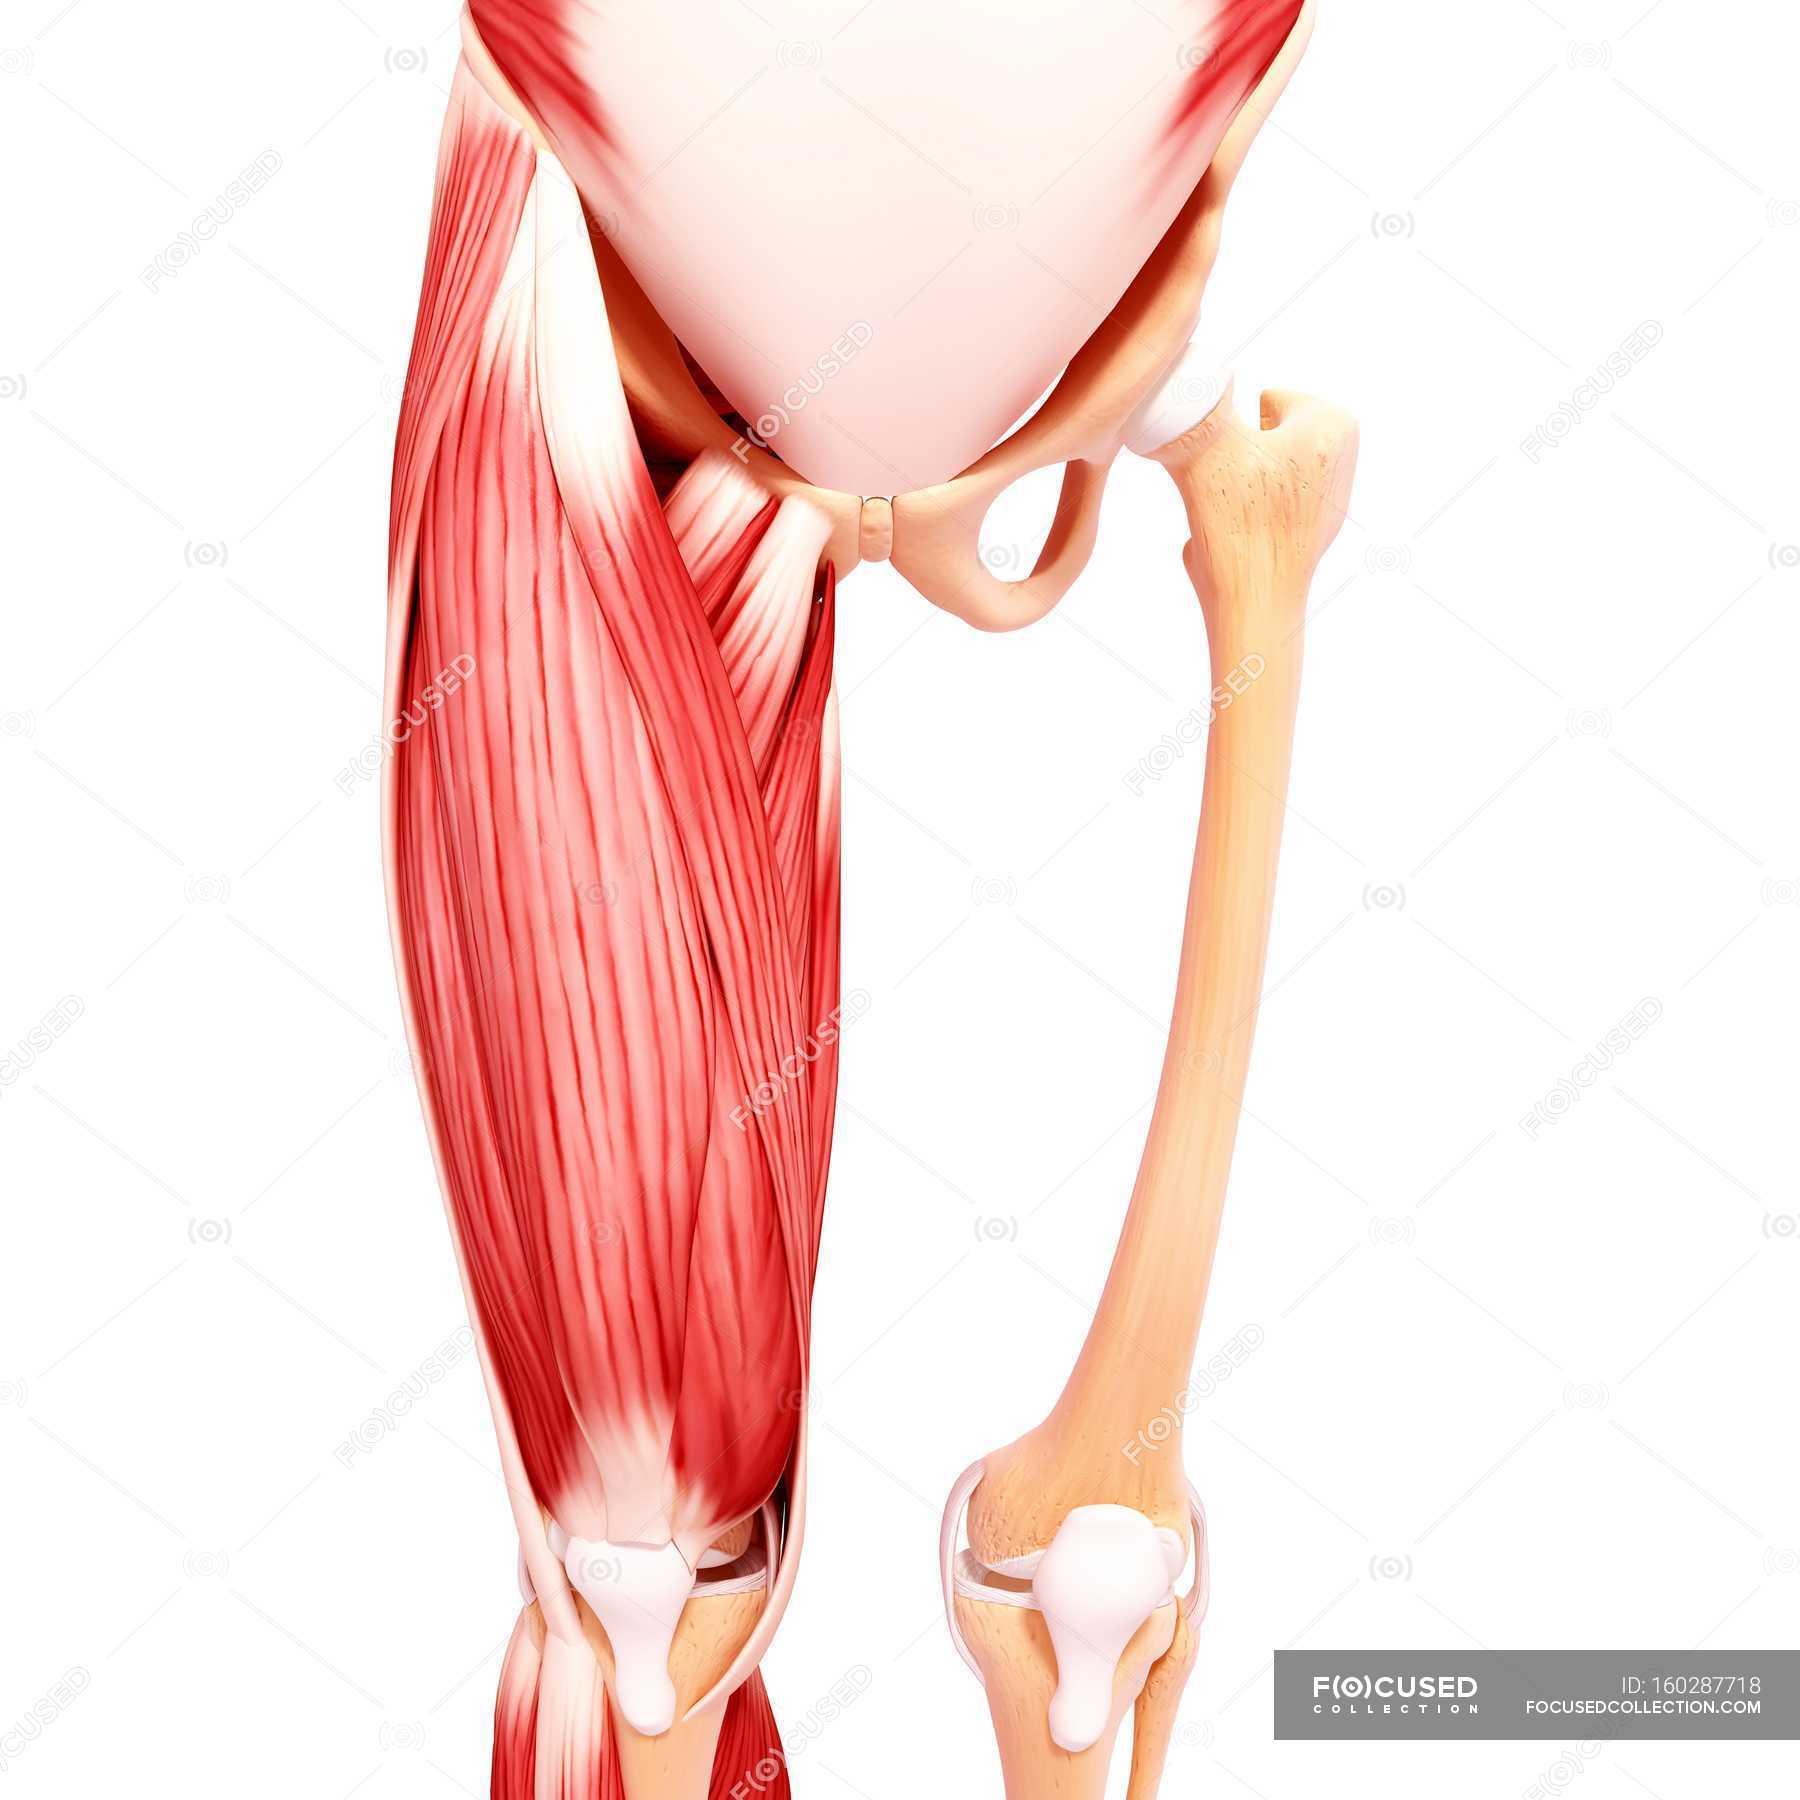 Menschliches Bein-Muskulatur — Stockfoto | #160287718